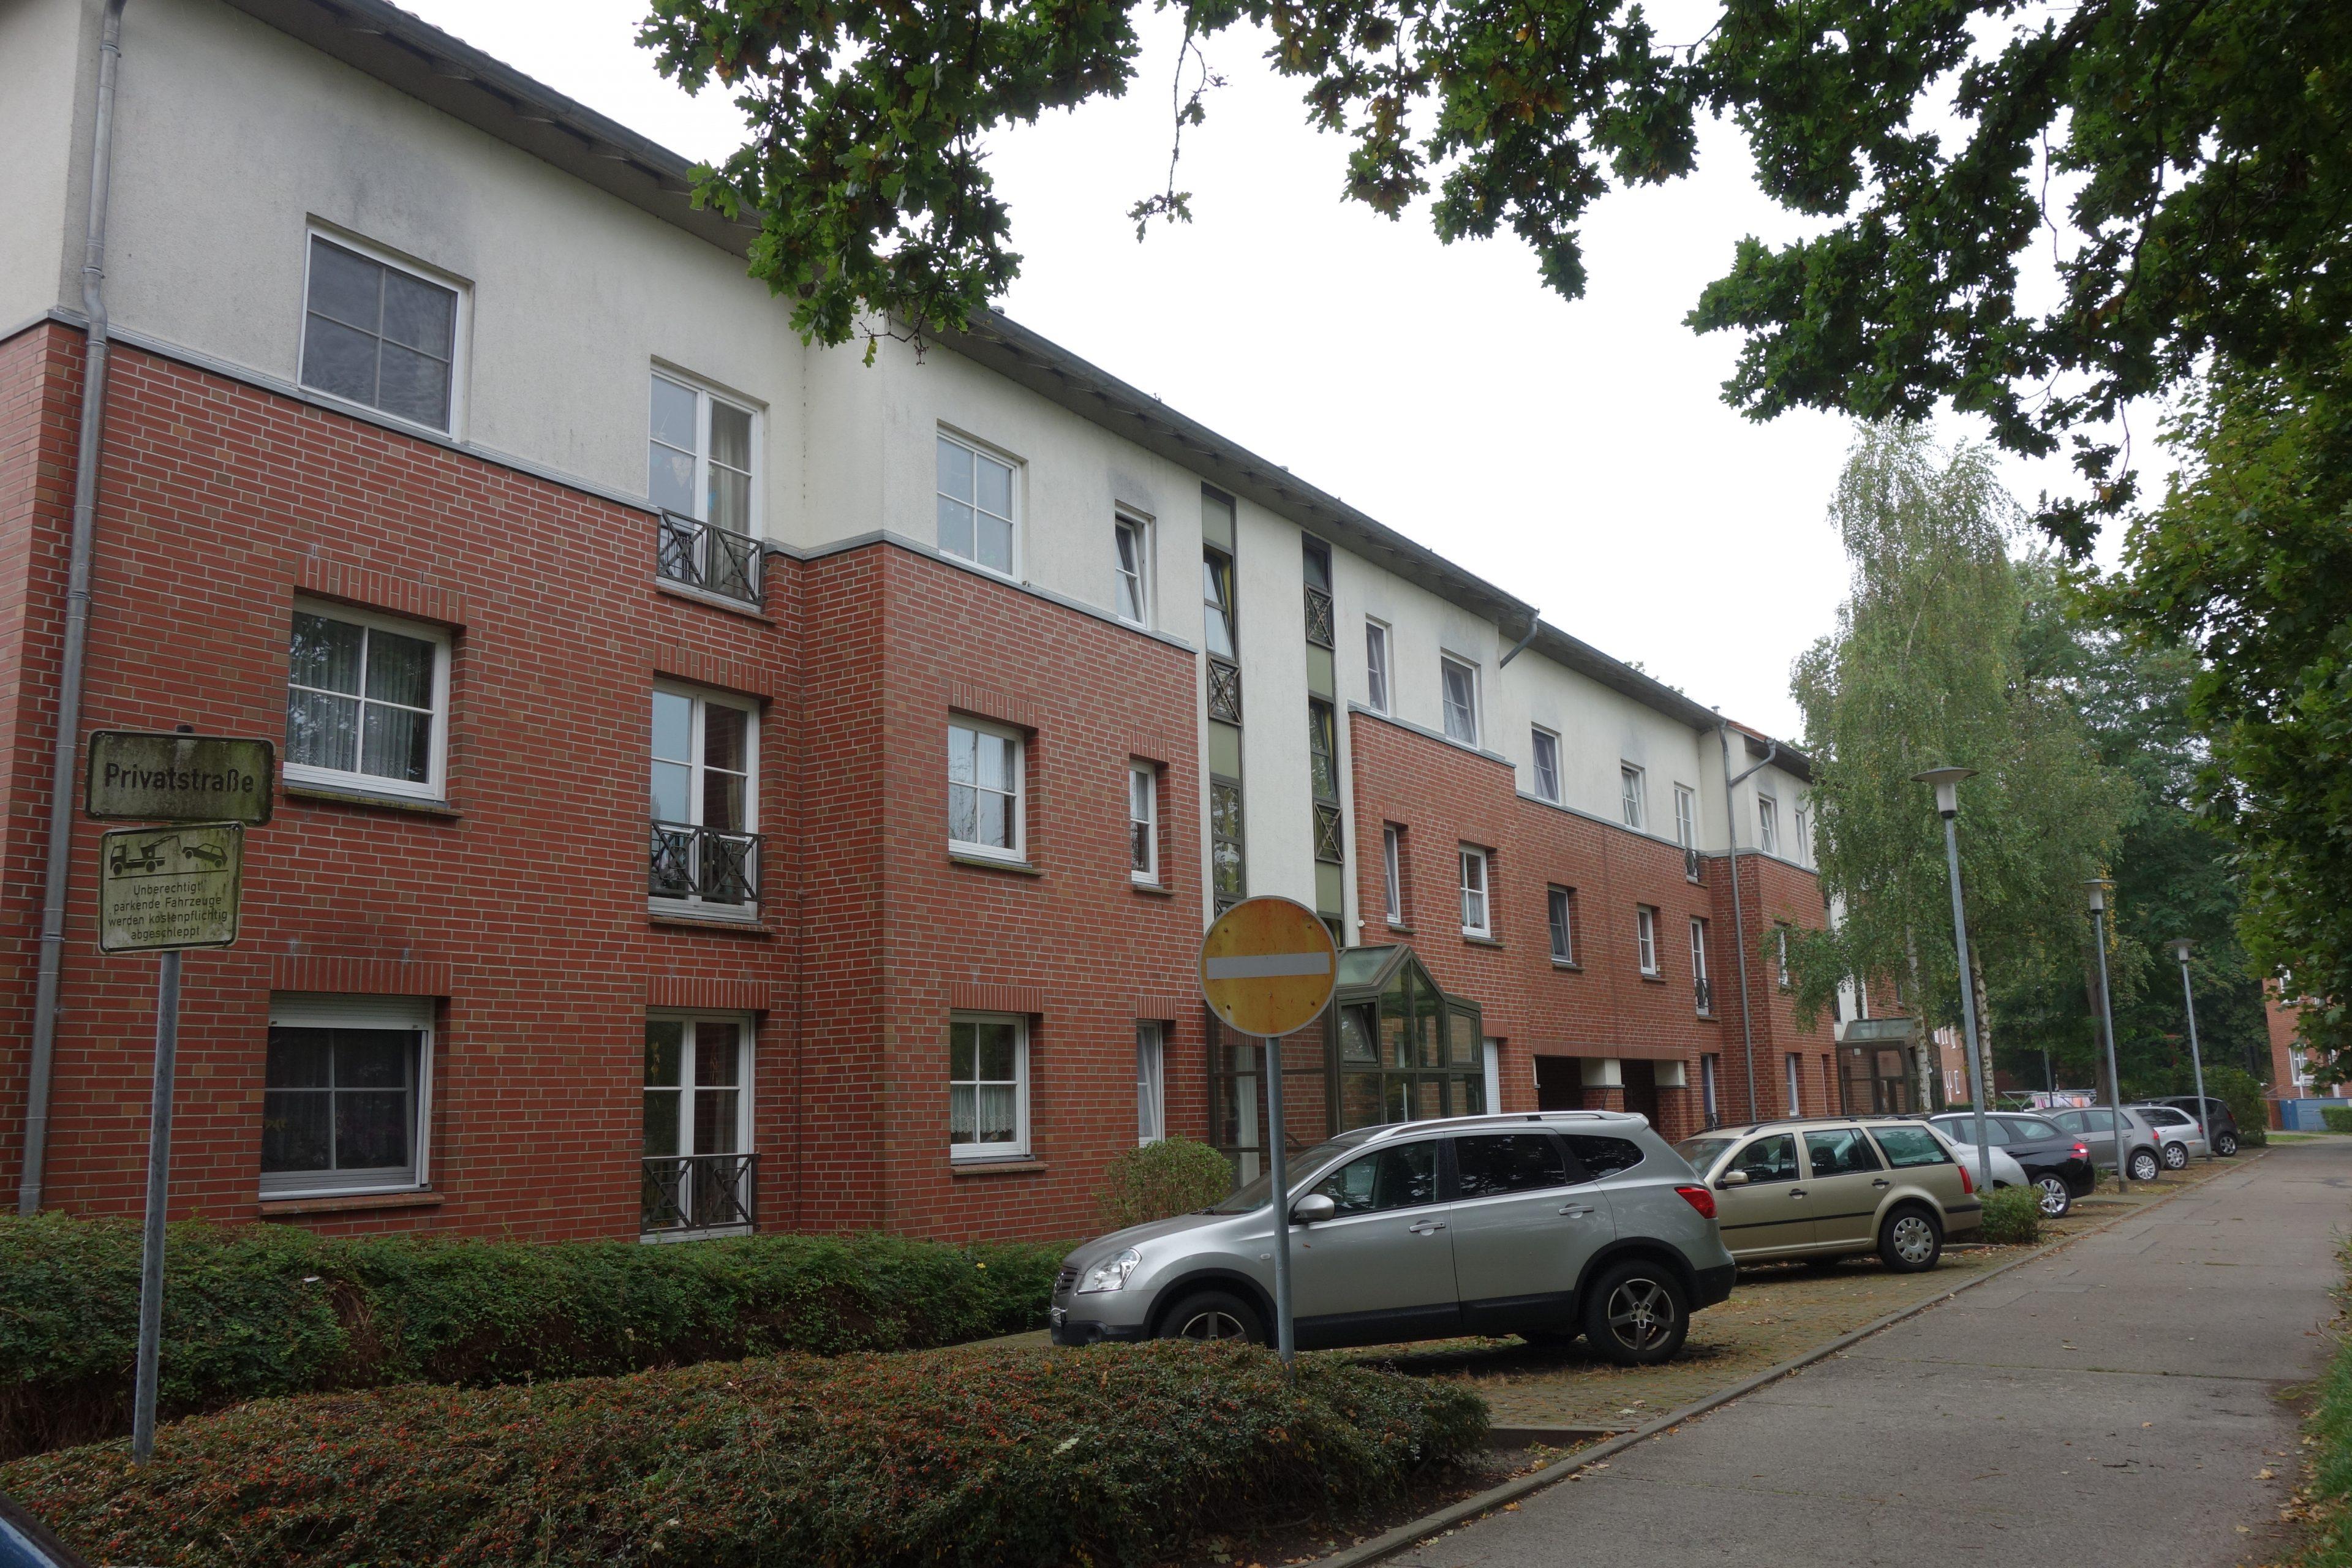 Projekte Erneuerung Heizungsanlage Albin-Köbis-Straße 1 Stephan-Scheffler GmbH